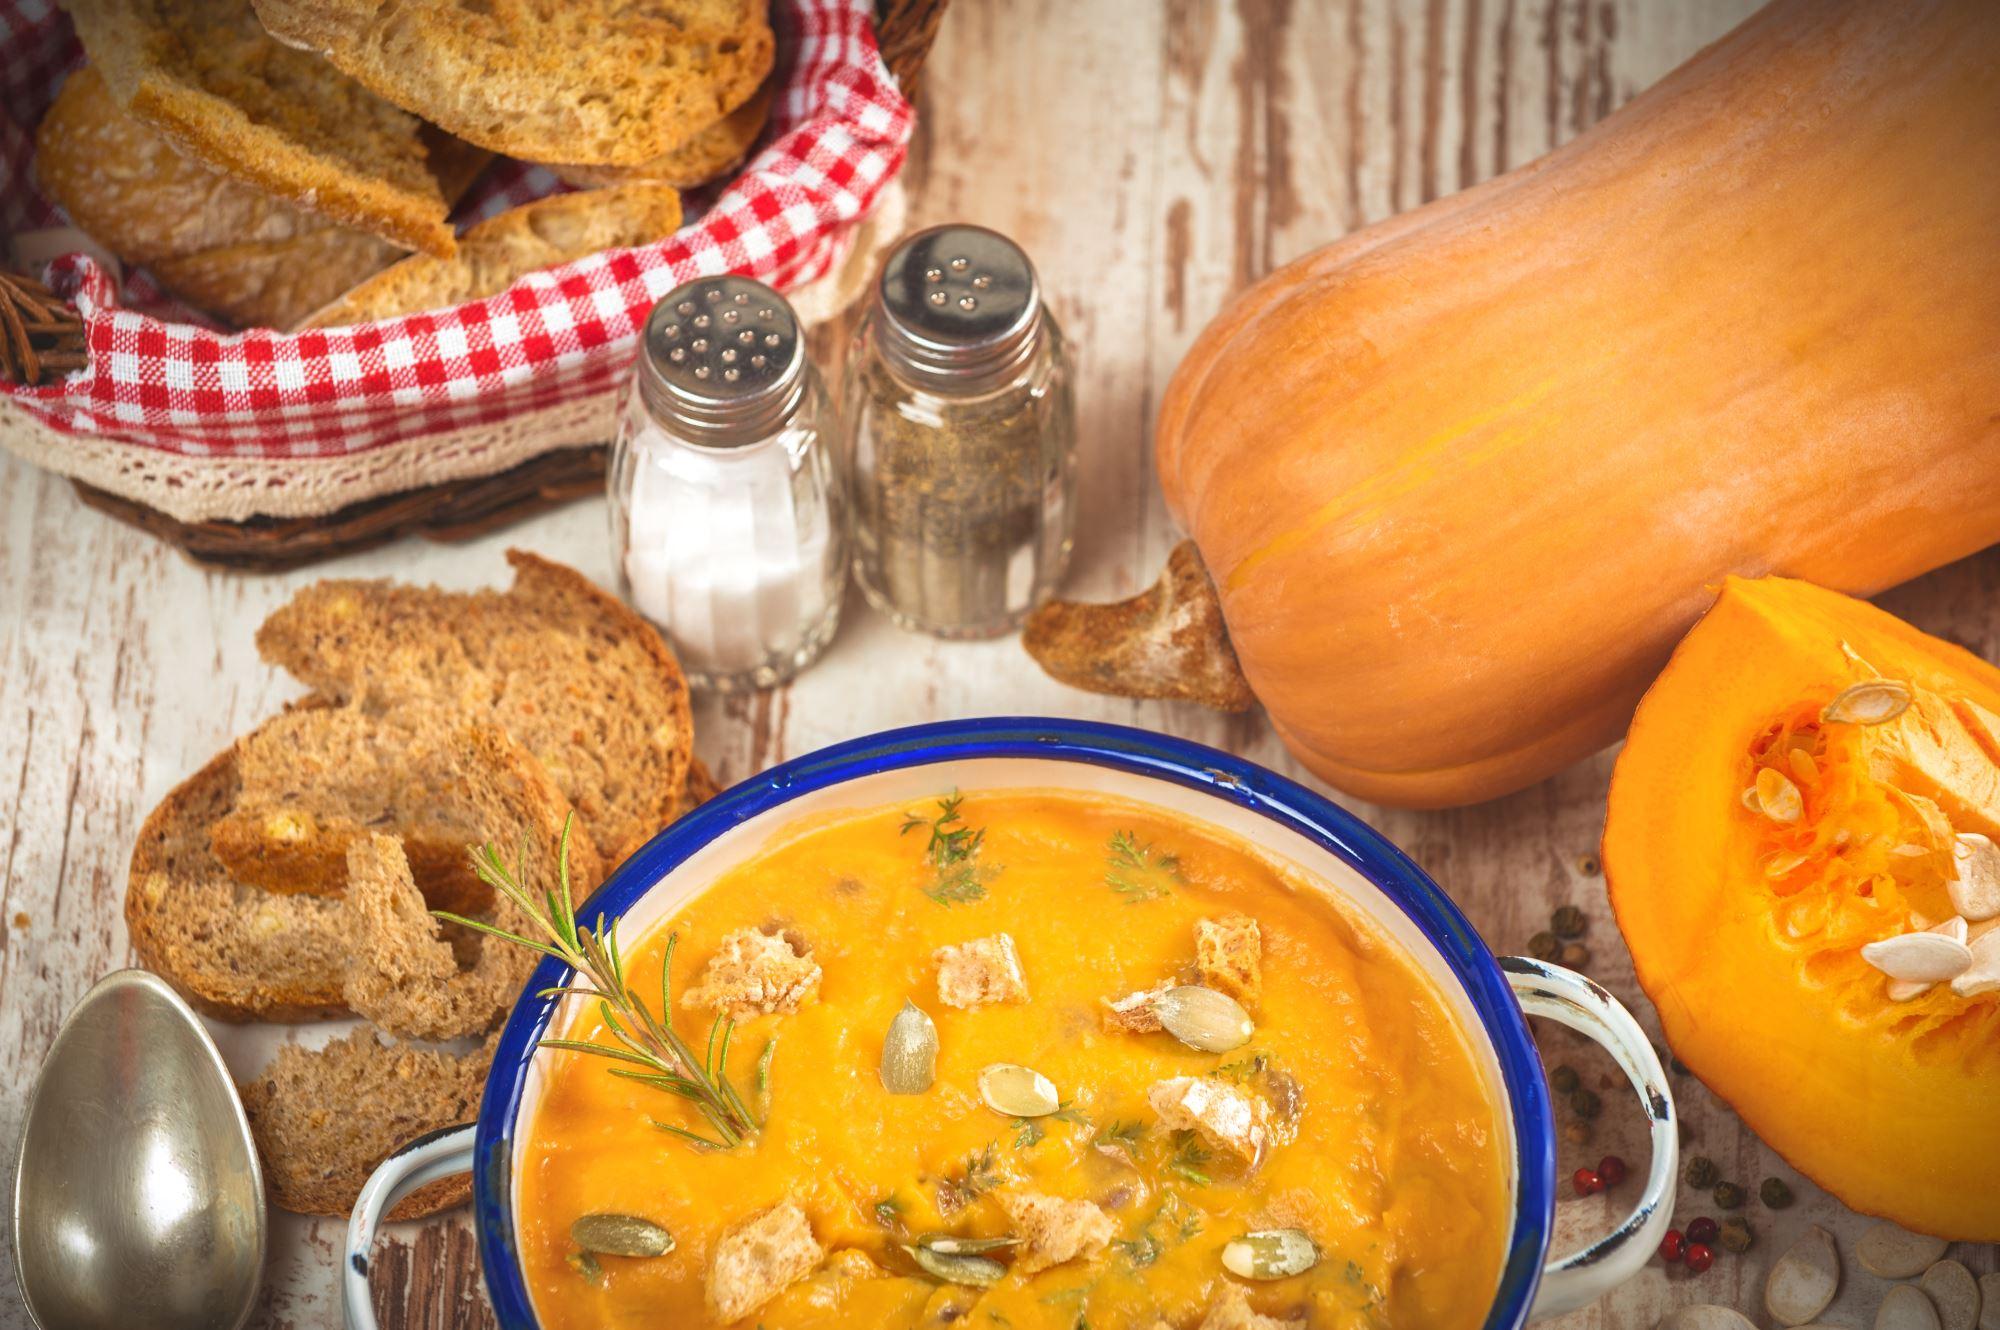 Cremet græskarsuppe serveret i græskar